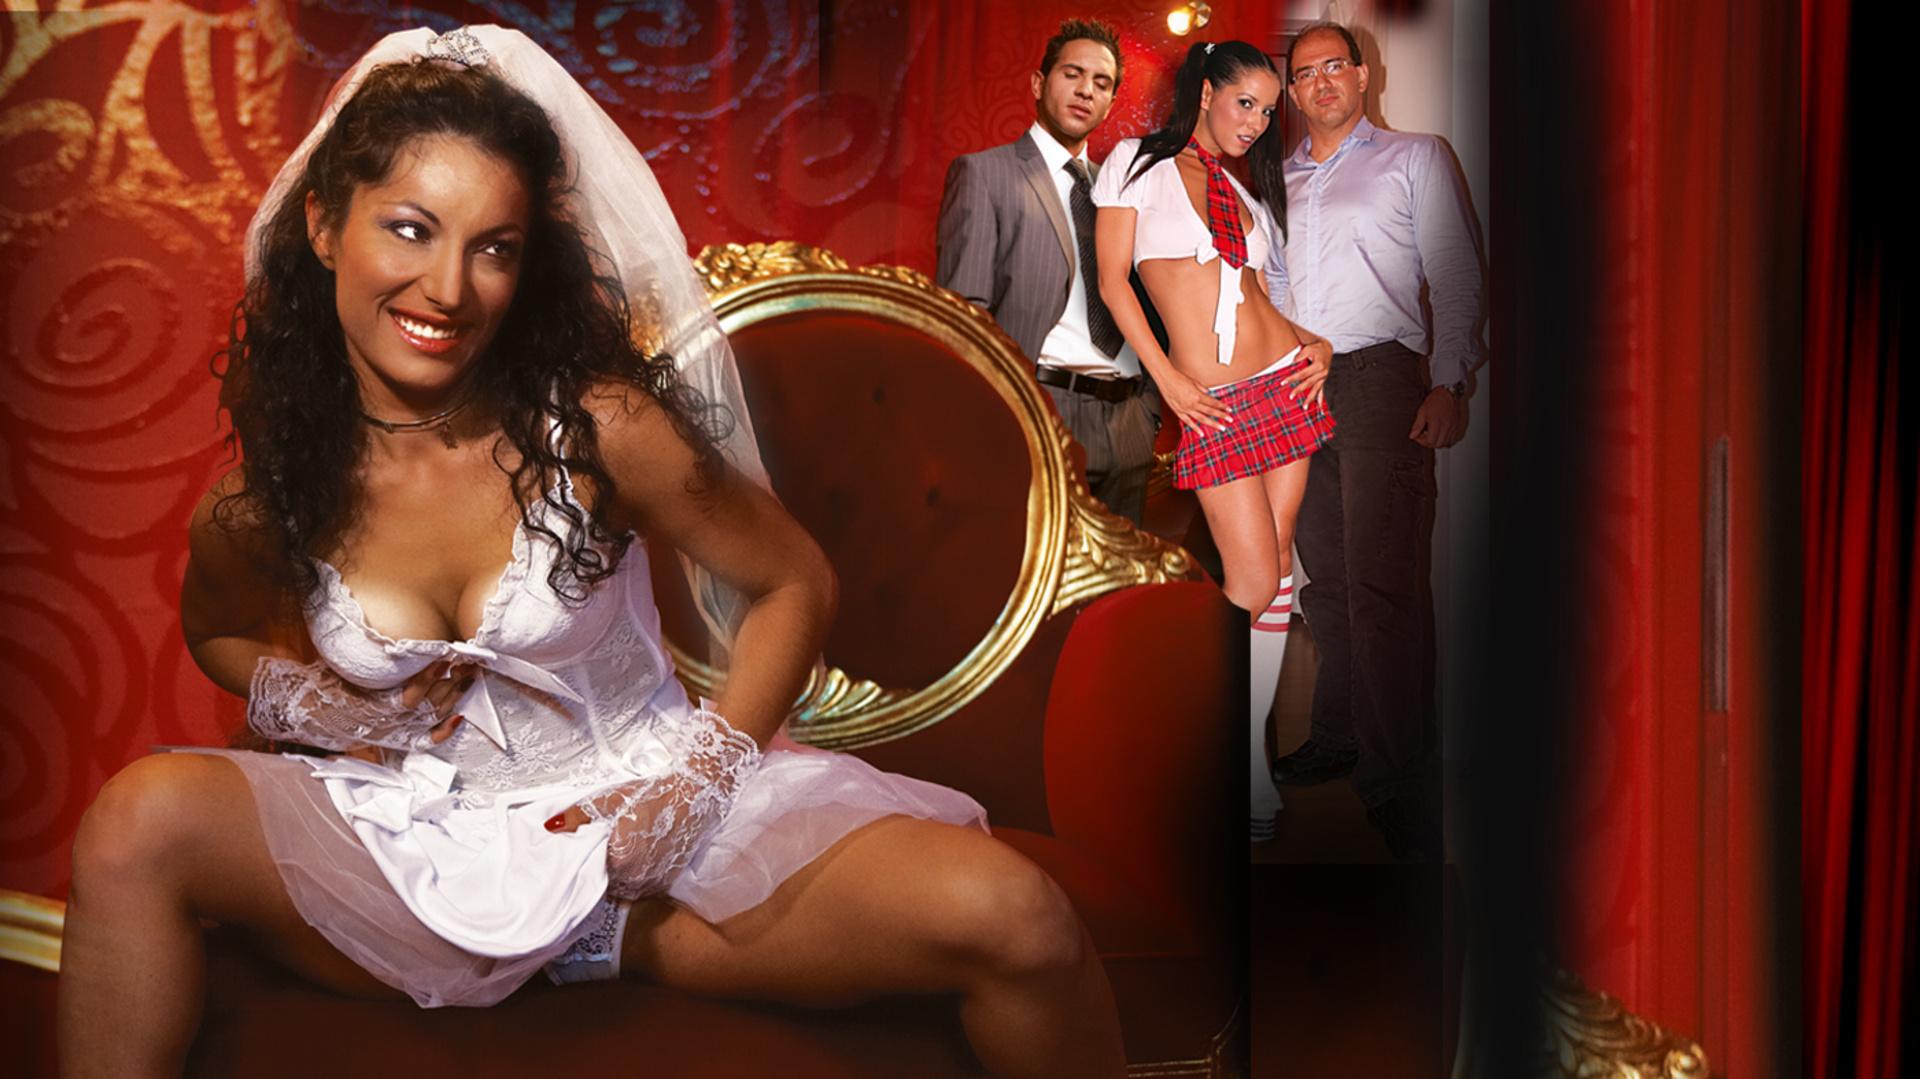 Η εκδίκηση της νύφης